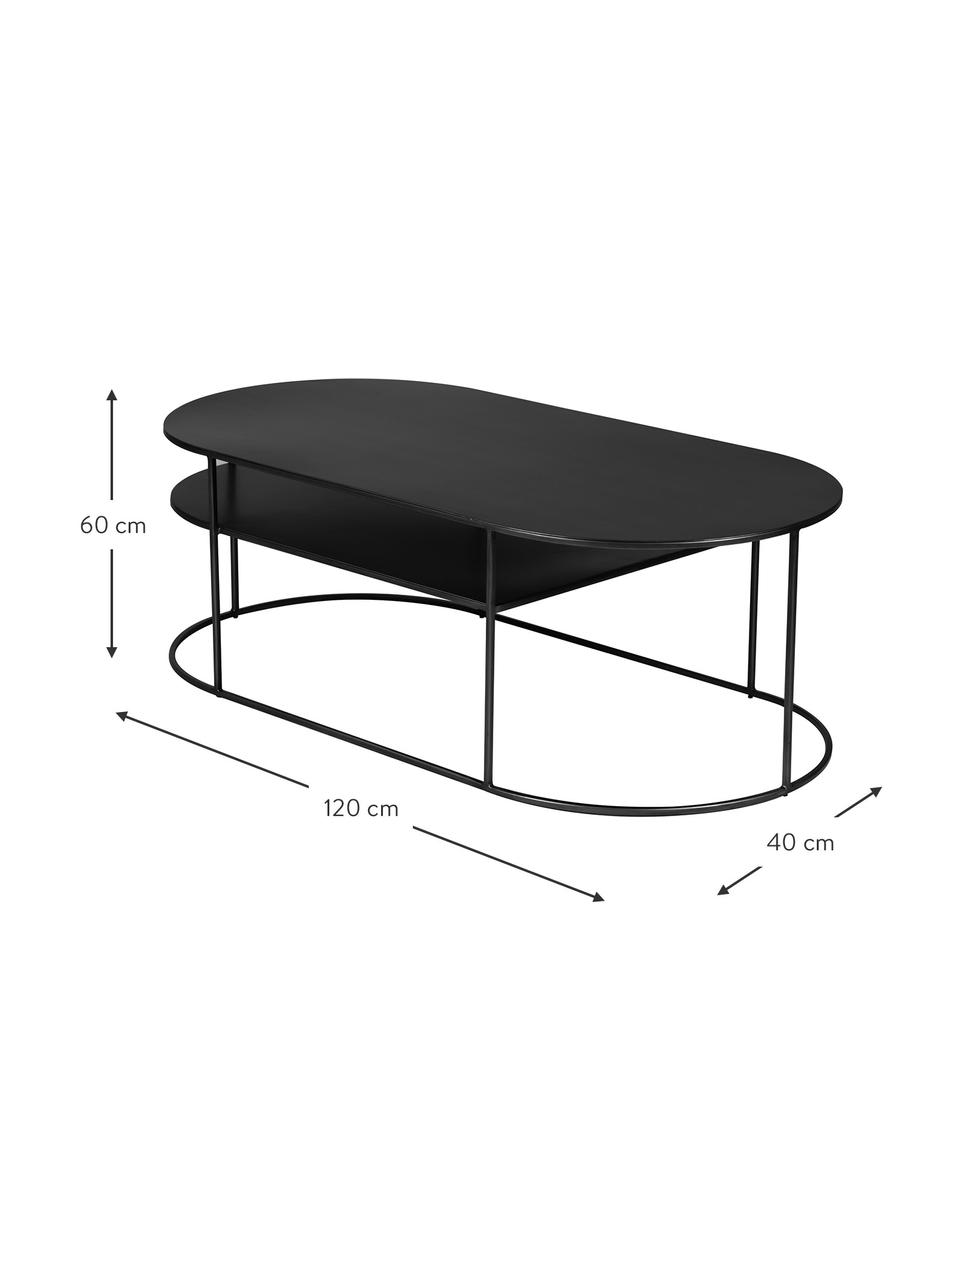 Tavolino da salotto in metallo nero Grayson, Metallo rivestito, Nero, Larg. 120 x Alt. 60 cm